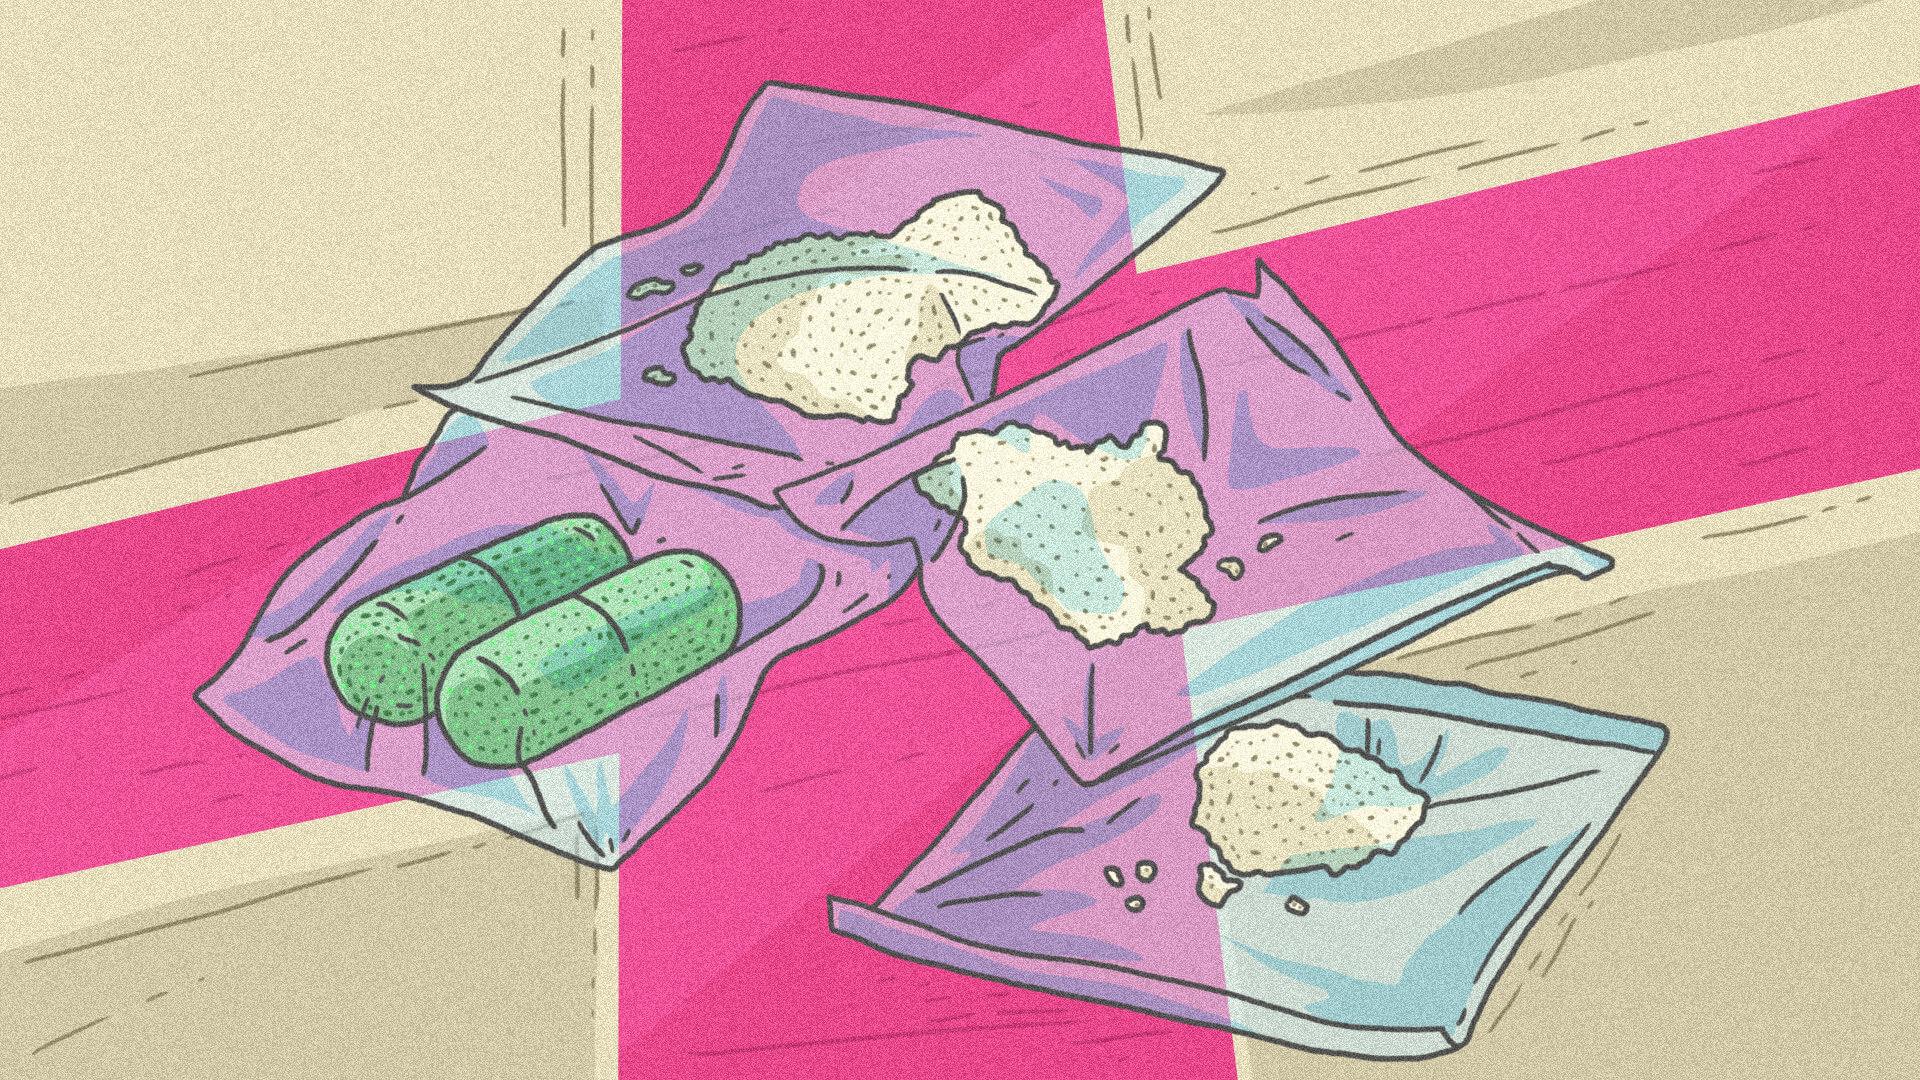 ¿De verdad consumir sustancias en espacios públicos es un problema?